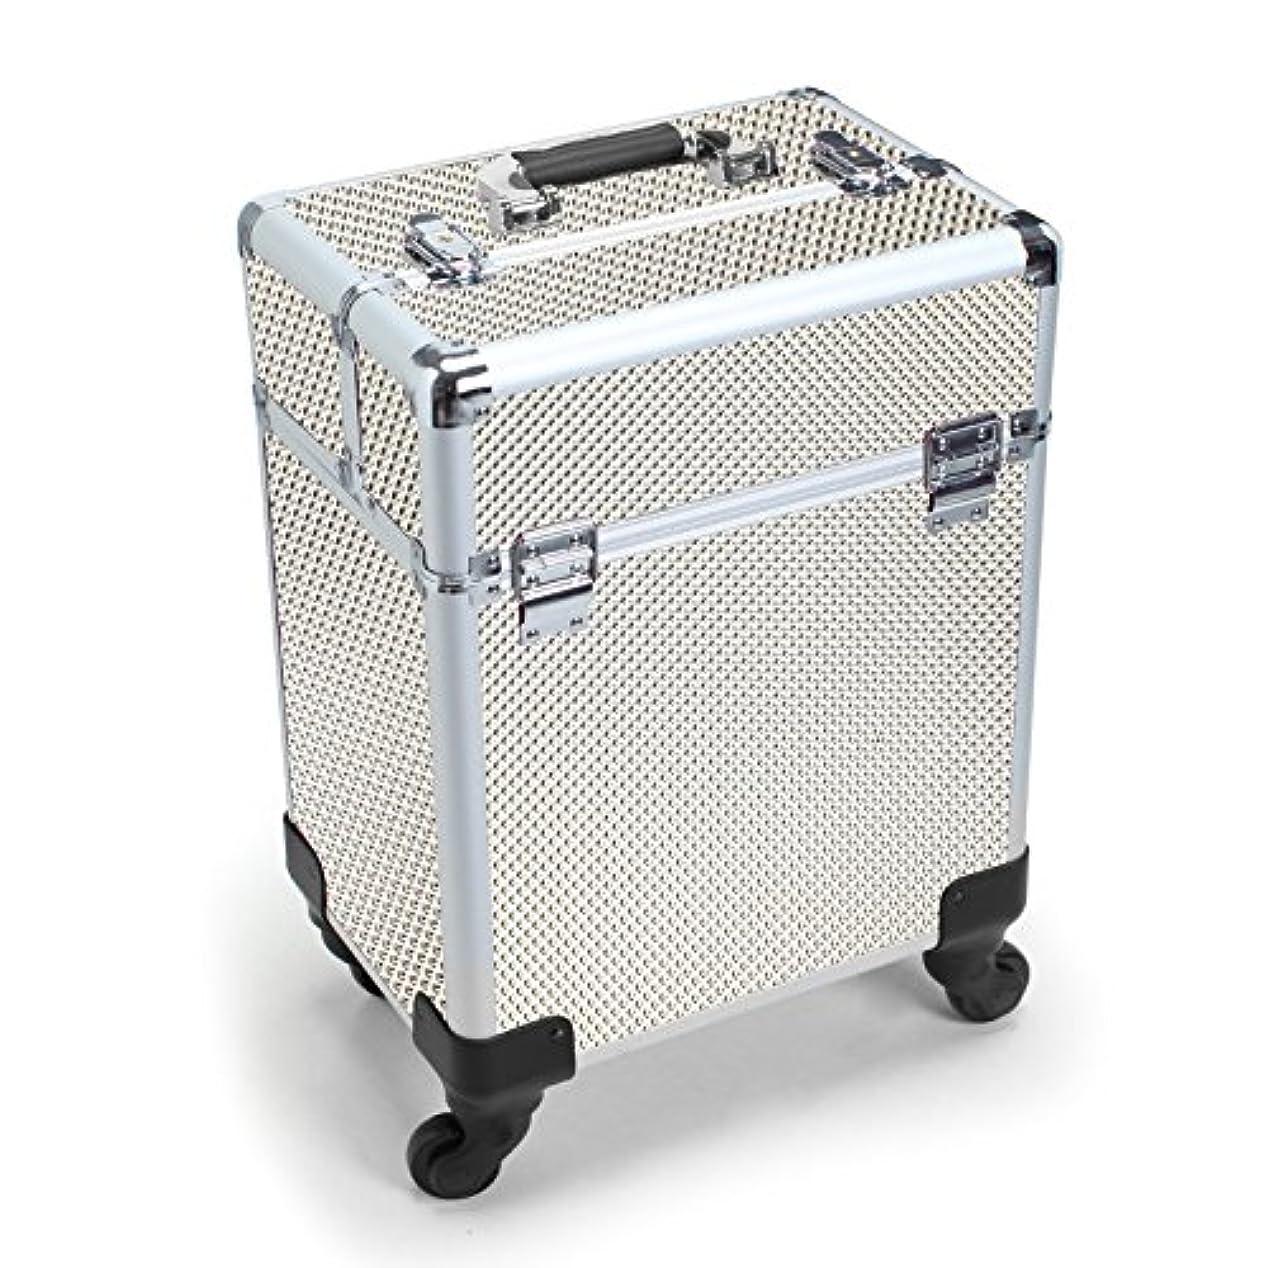 志すラッドヤードキップリング脈拍MCTECH キャリーケース レバー式 メイクボックス 美容師用 スーツケース型 化粧品 プロ用 薬箱 救急箱 収納 キャスター付き カギ付き 超大型メイクケース ジルバー